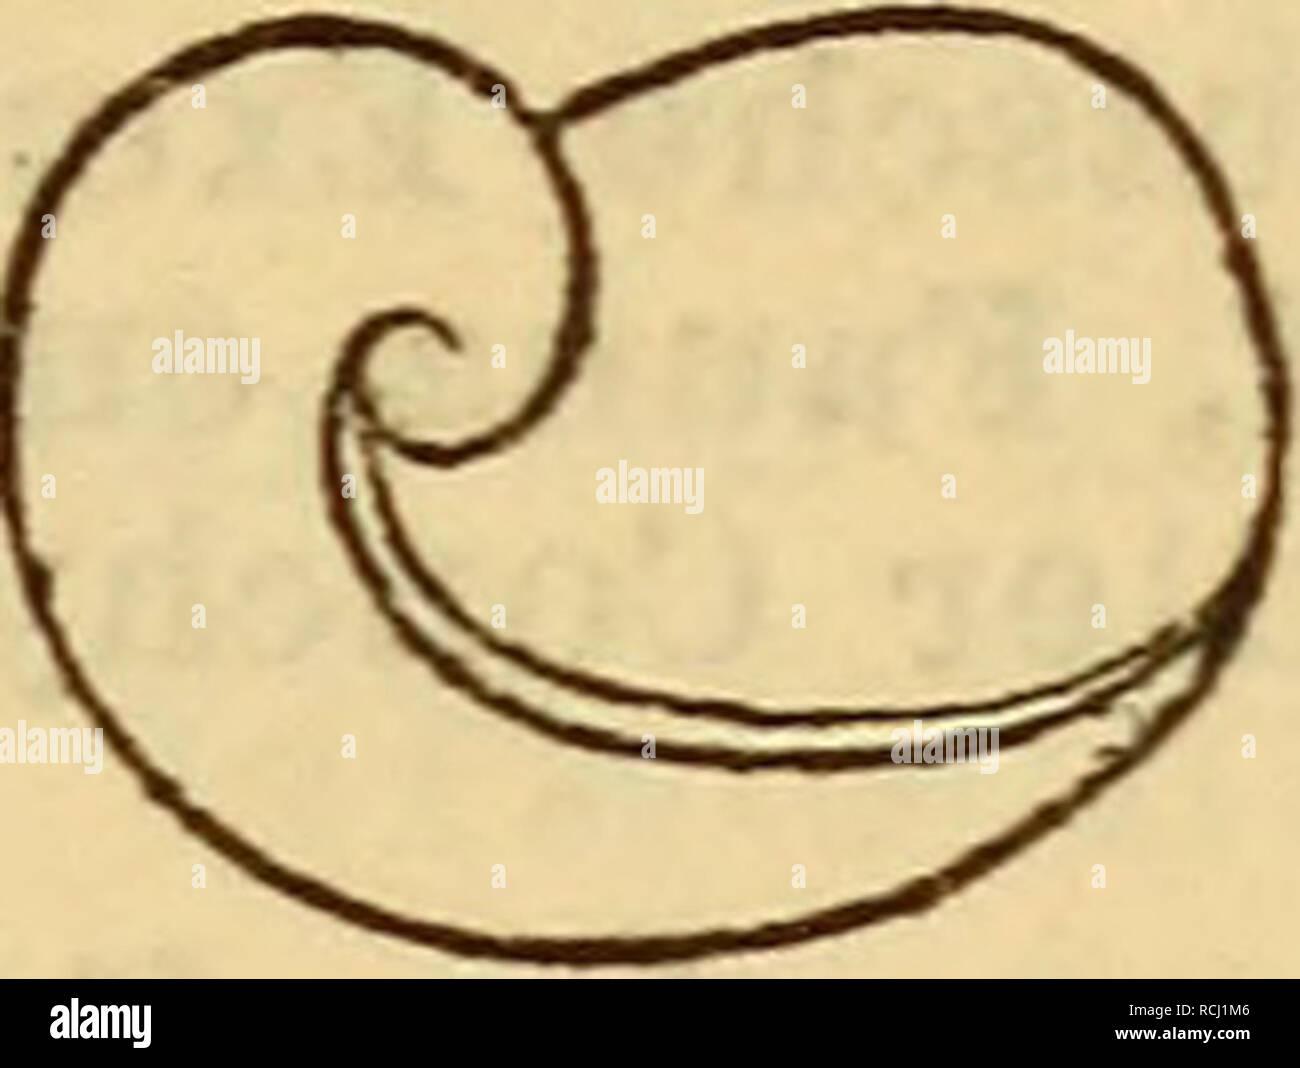 . Die Mollusken-Fauna Mitteleuropa's. Mollusks. <ZD Vitr. Kochi. Lge. 3,2 mm., Br. 2,3 mm. Verbreitung: bei Patschkau in Schlesien und in Steiermark. Bemerkung. Die Art schliesst sich an Vitr. Char- pentieri, die jedoch mehr zu V. diaphana sich neigt, wäh- rend die vorstehende Species mehr V. pellucida streift, an welche Art namentlich der schmale Hautsaum erinnert! Von Vitr. Charpentieri unterscheidet sie noch das weniger ge- drückte Gehäuse. 7. Vitrina nivalis Charpentier. Vitrina nivalis Charpentier in Clessin Deutsche Exe. Moll. Fauna 2. Aufl. p. 74 f. 29. — alpestris Clessin, Mal. Blät Stock Photo